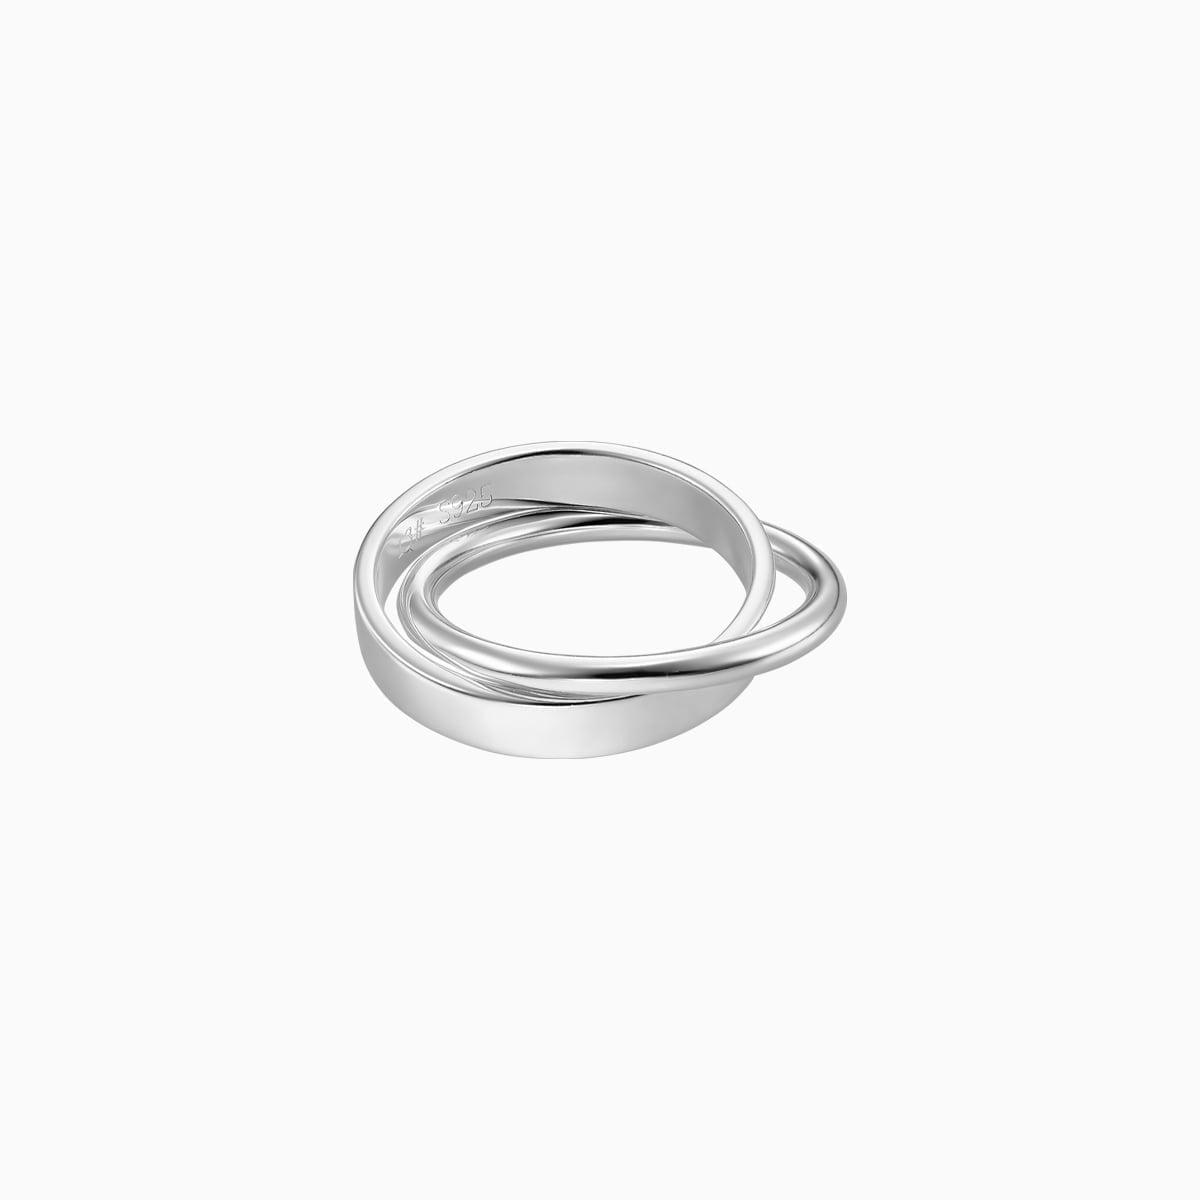 inel din argint dublu model verigheta